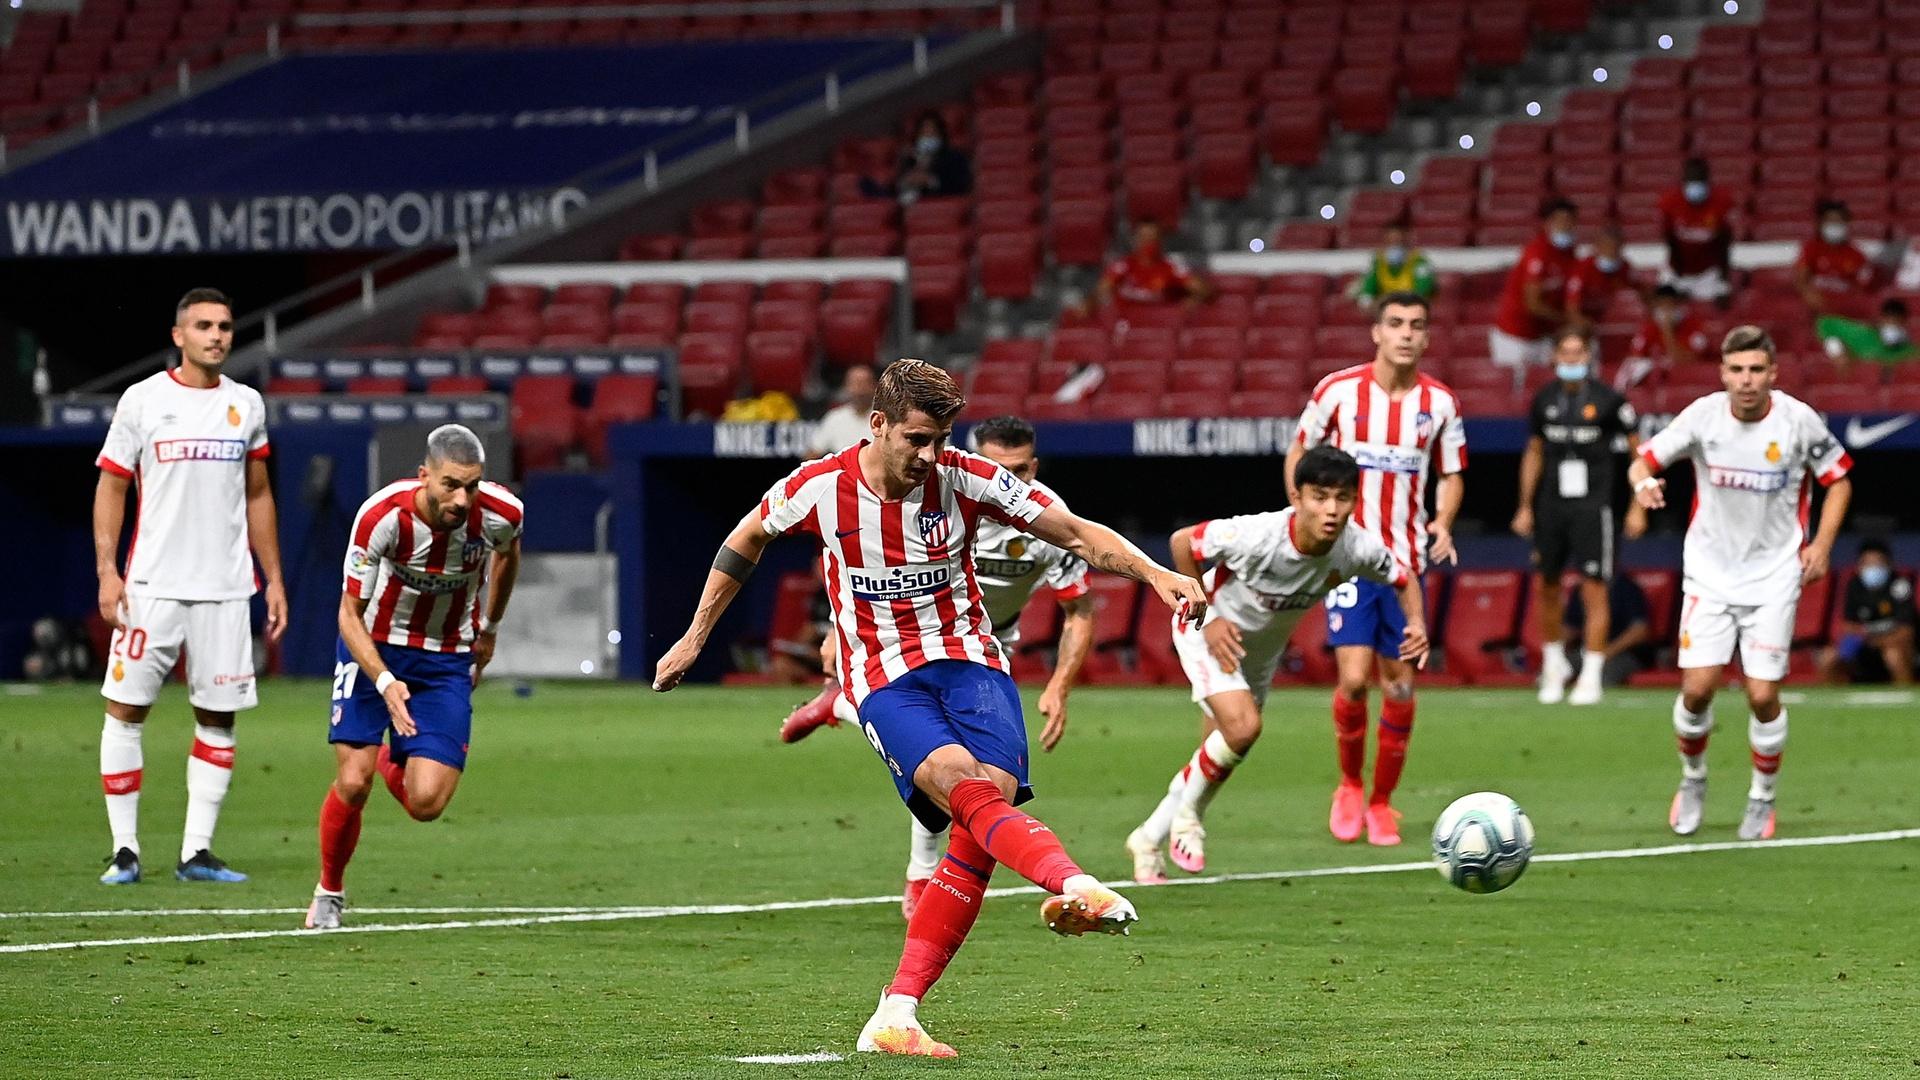 بالفيديو.. موراتا بطل مواجهة أتلتيكو مدريد ومايوركا